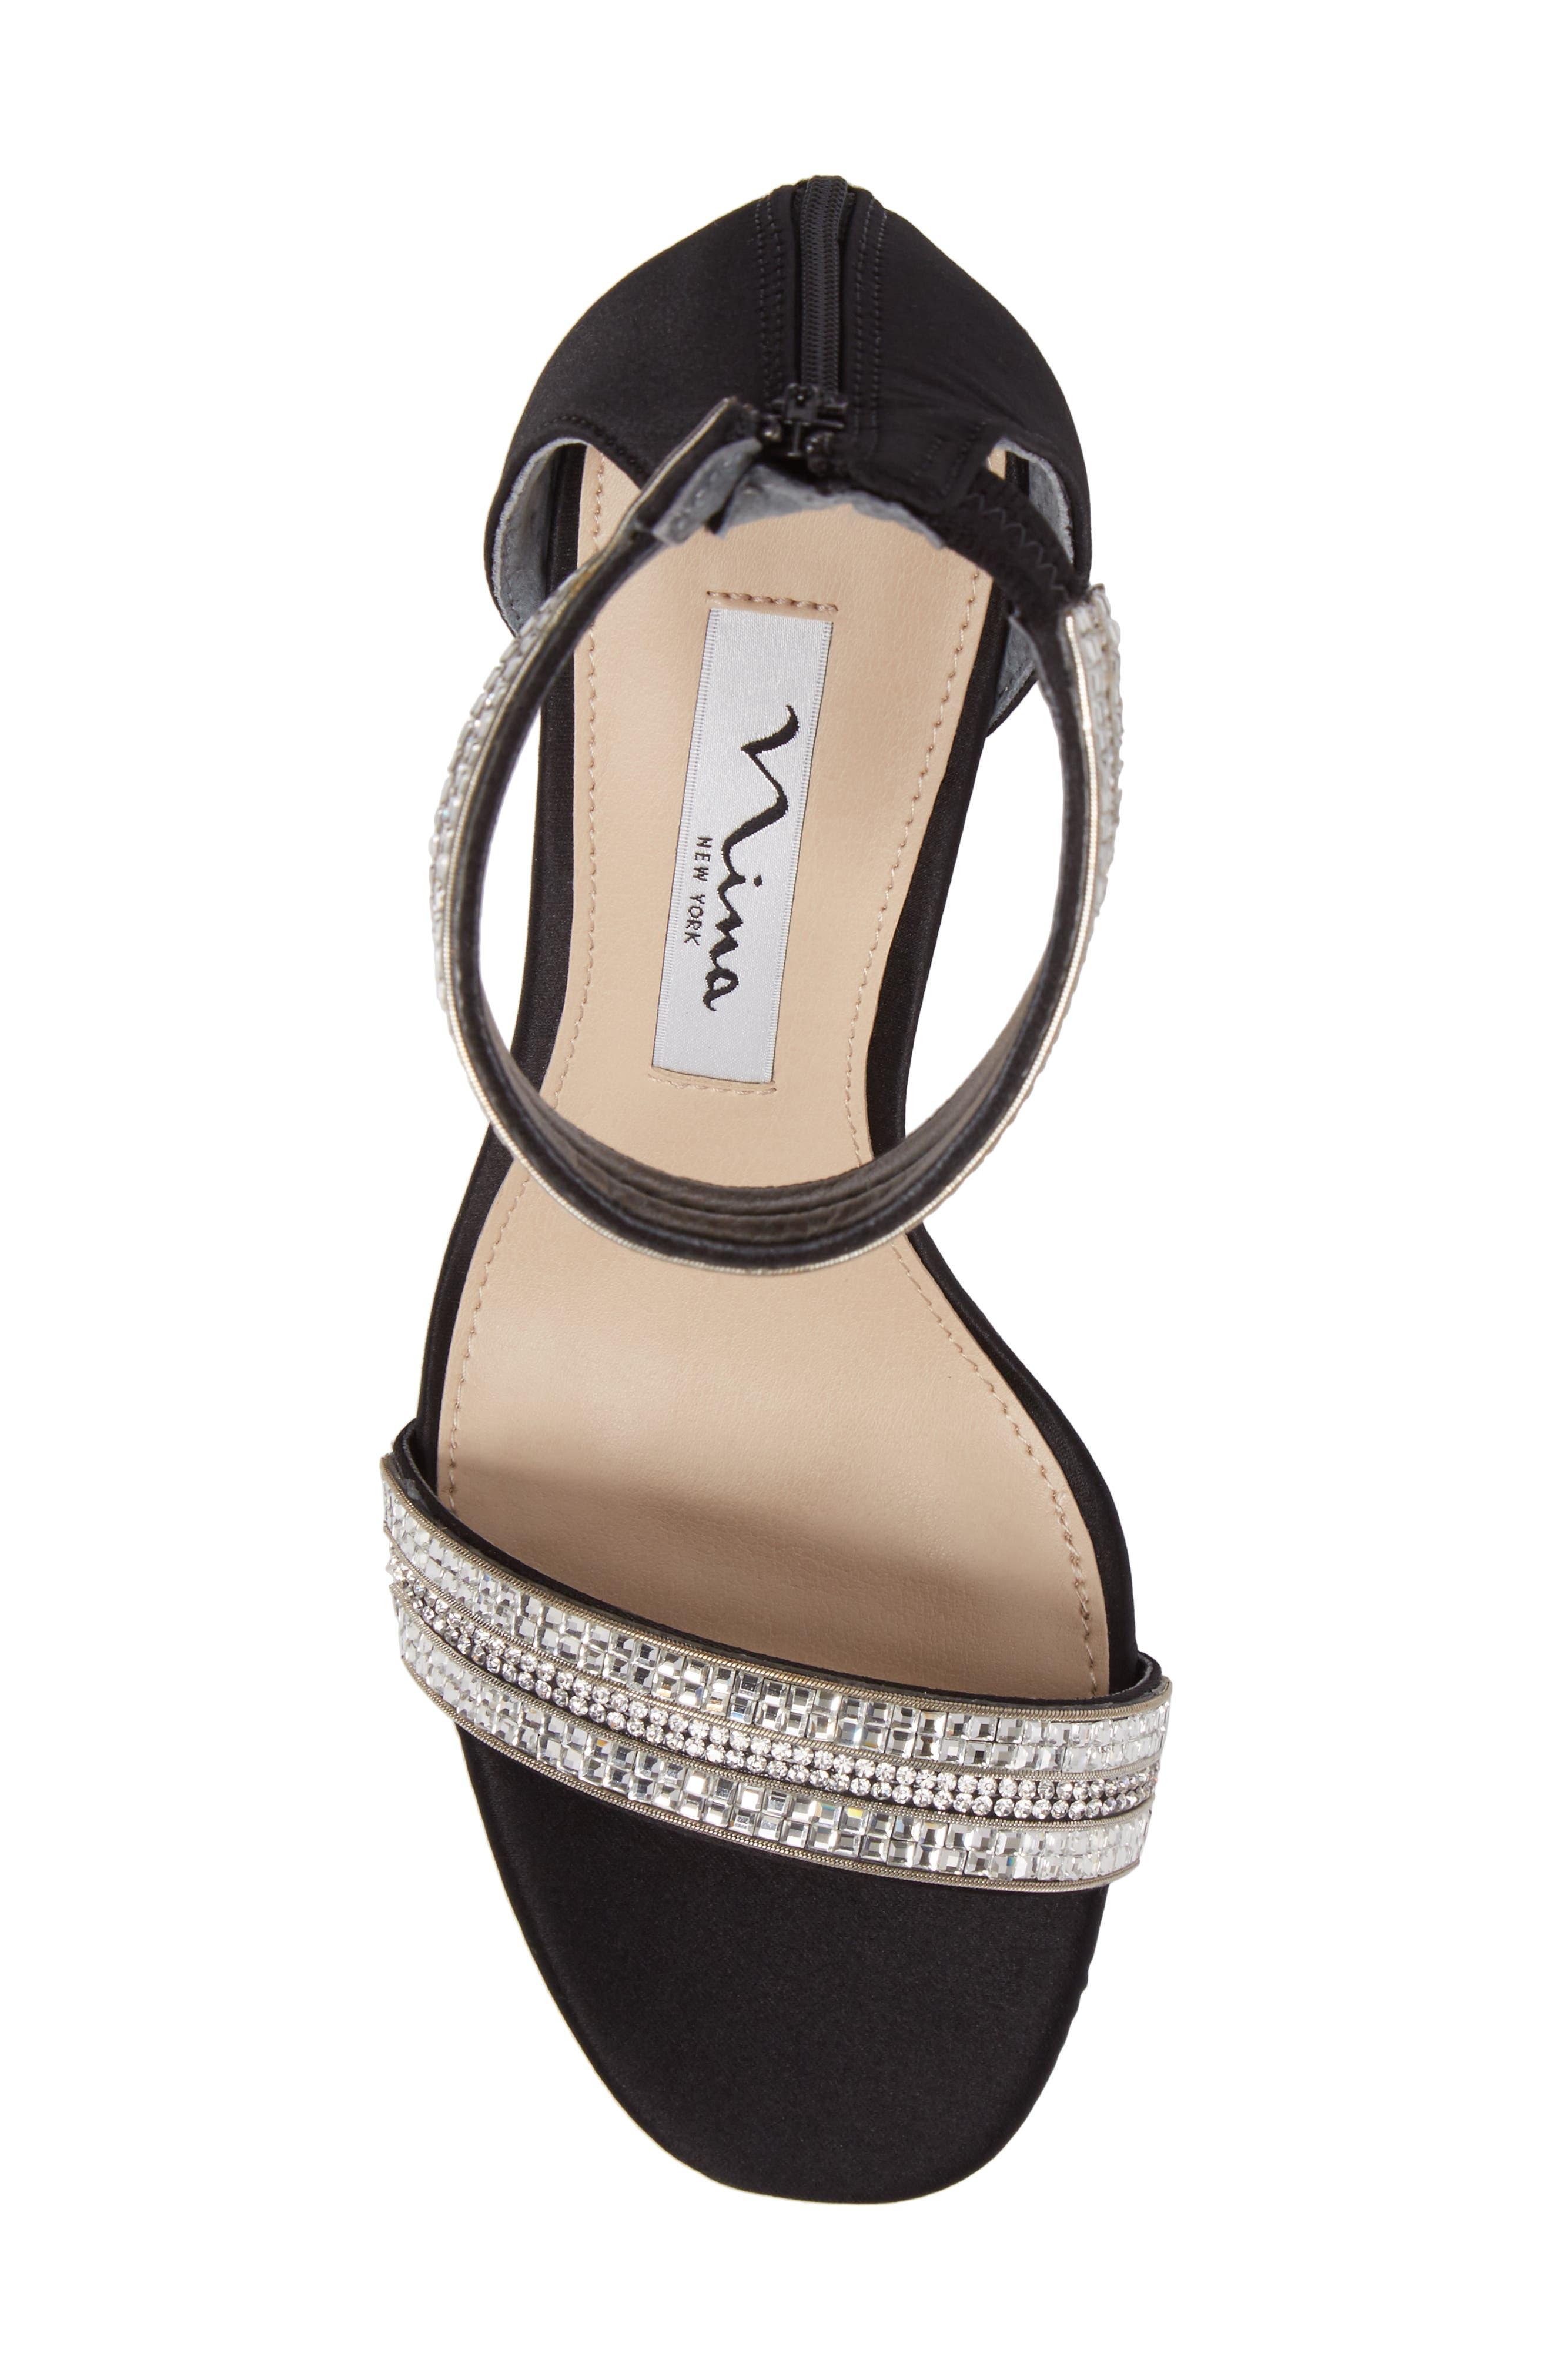 Aubrie Ankle Strap Sandal,                             Alternate thumbnail 5, color,                             Black Satin